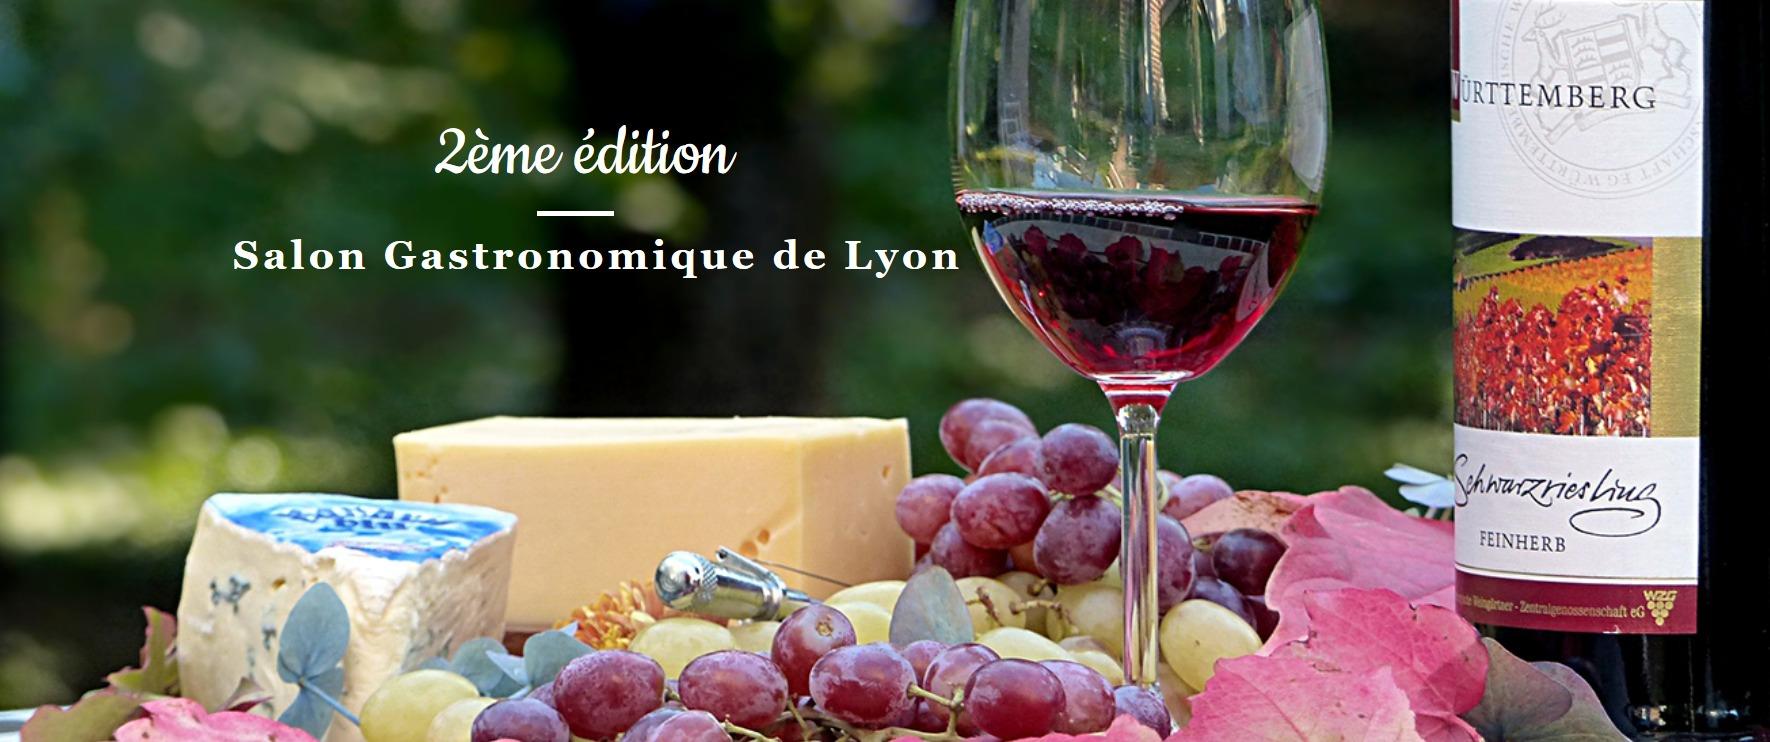 Salon Gastronomique Lyon